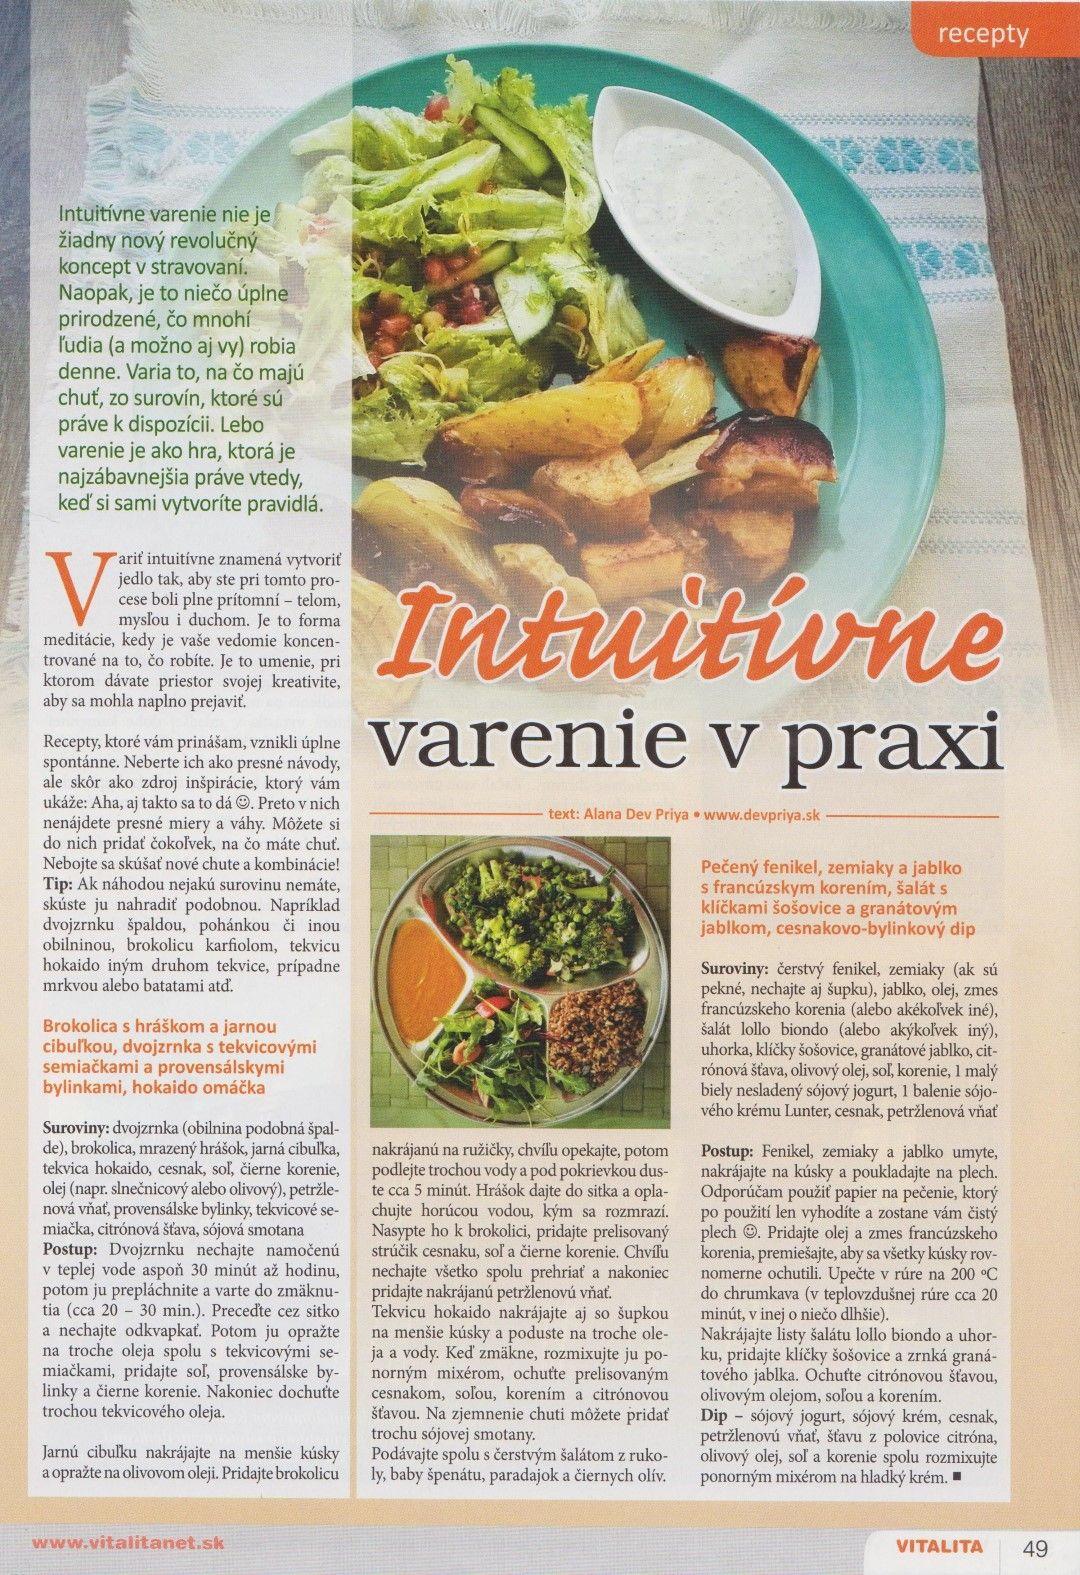 Intuitívne varenie v praxi (recepty)